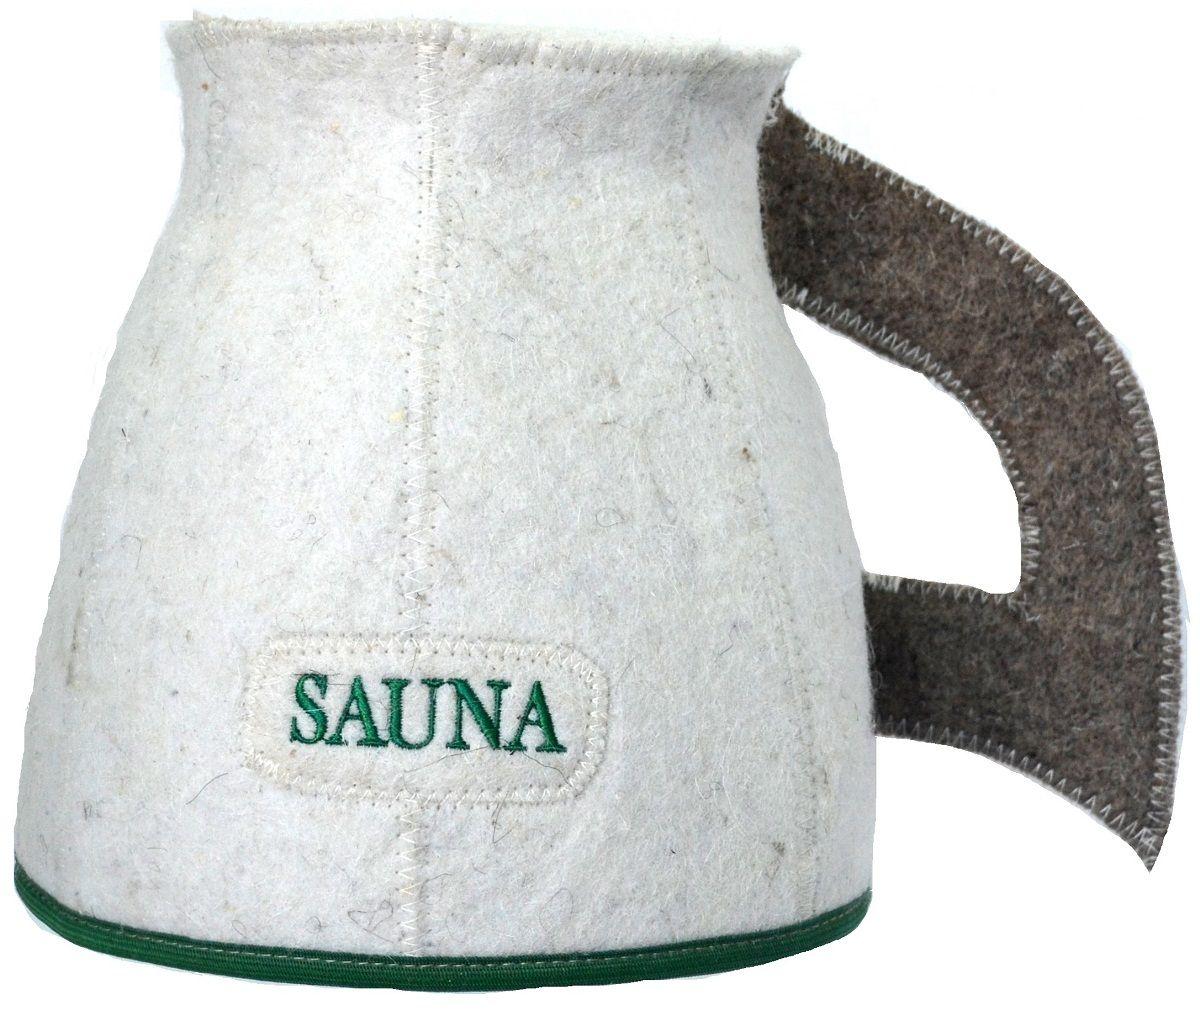 Шапка для бани и сауны Ecology Sauna Кружка, цвет: белый, серый, зеленый кронштейн nb f120 vesa 75 100 хром до 7кг накл повор сереб для телевизора